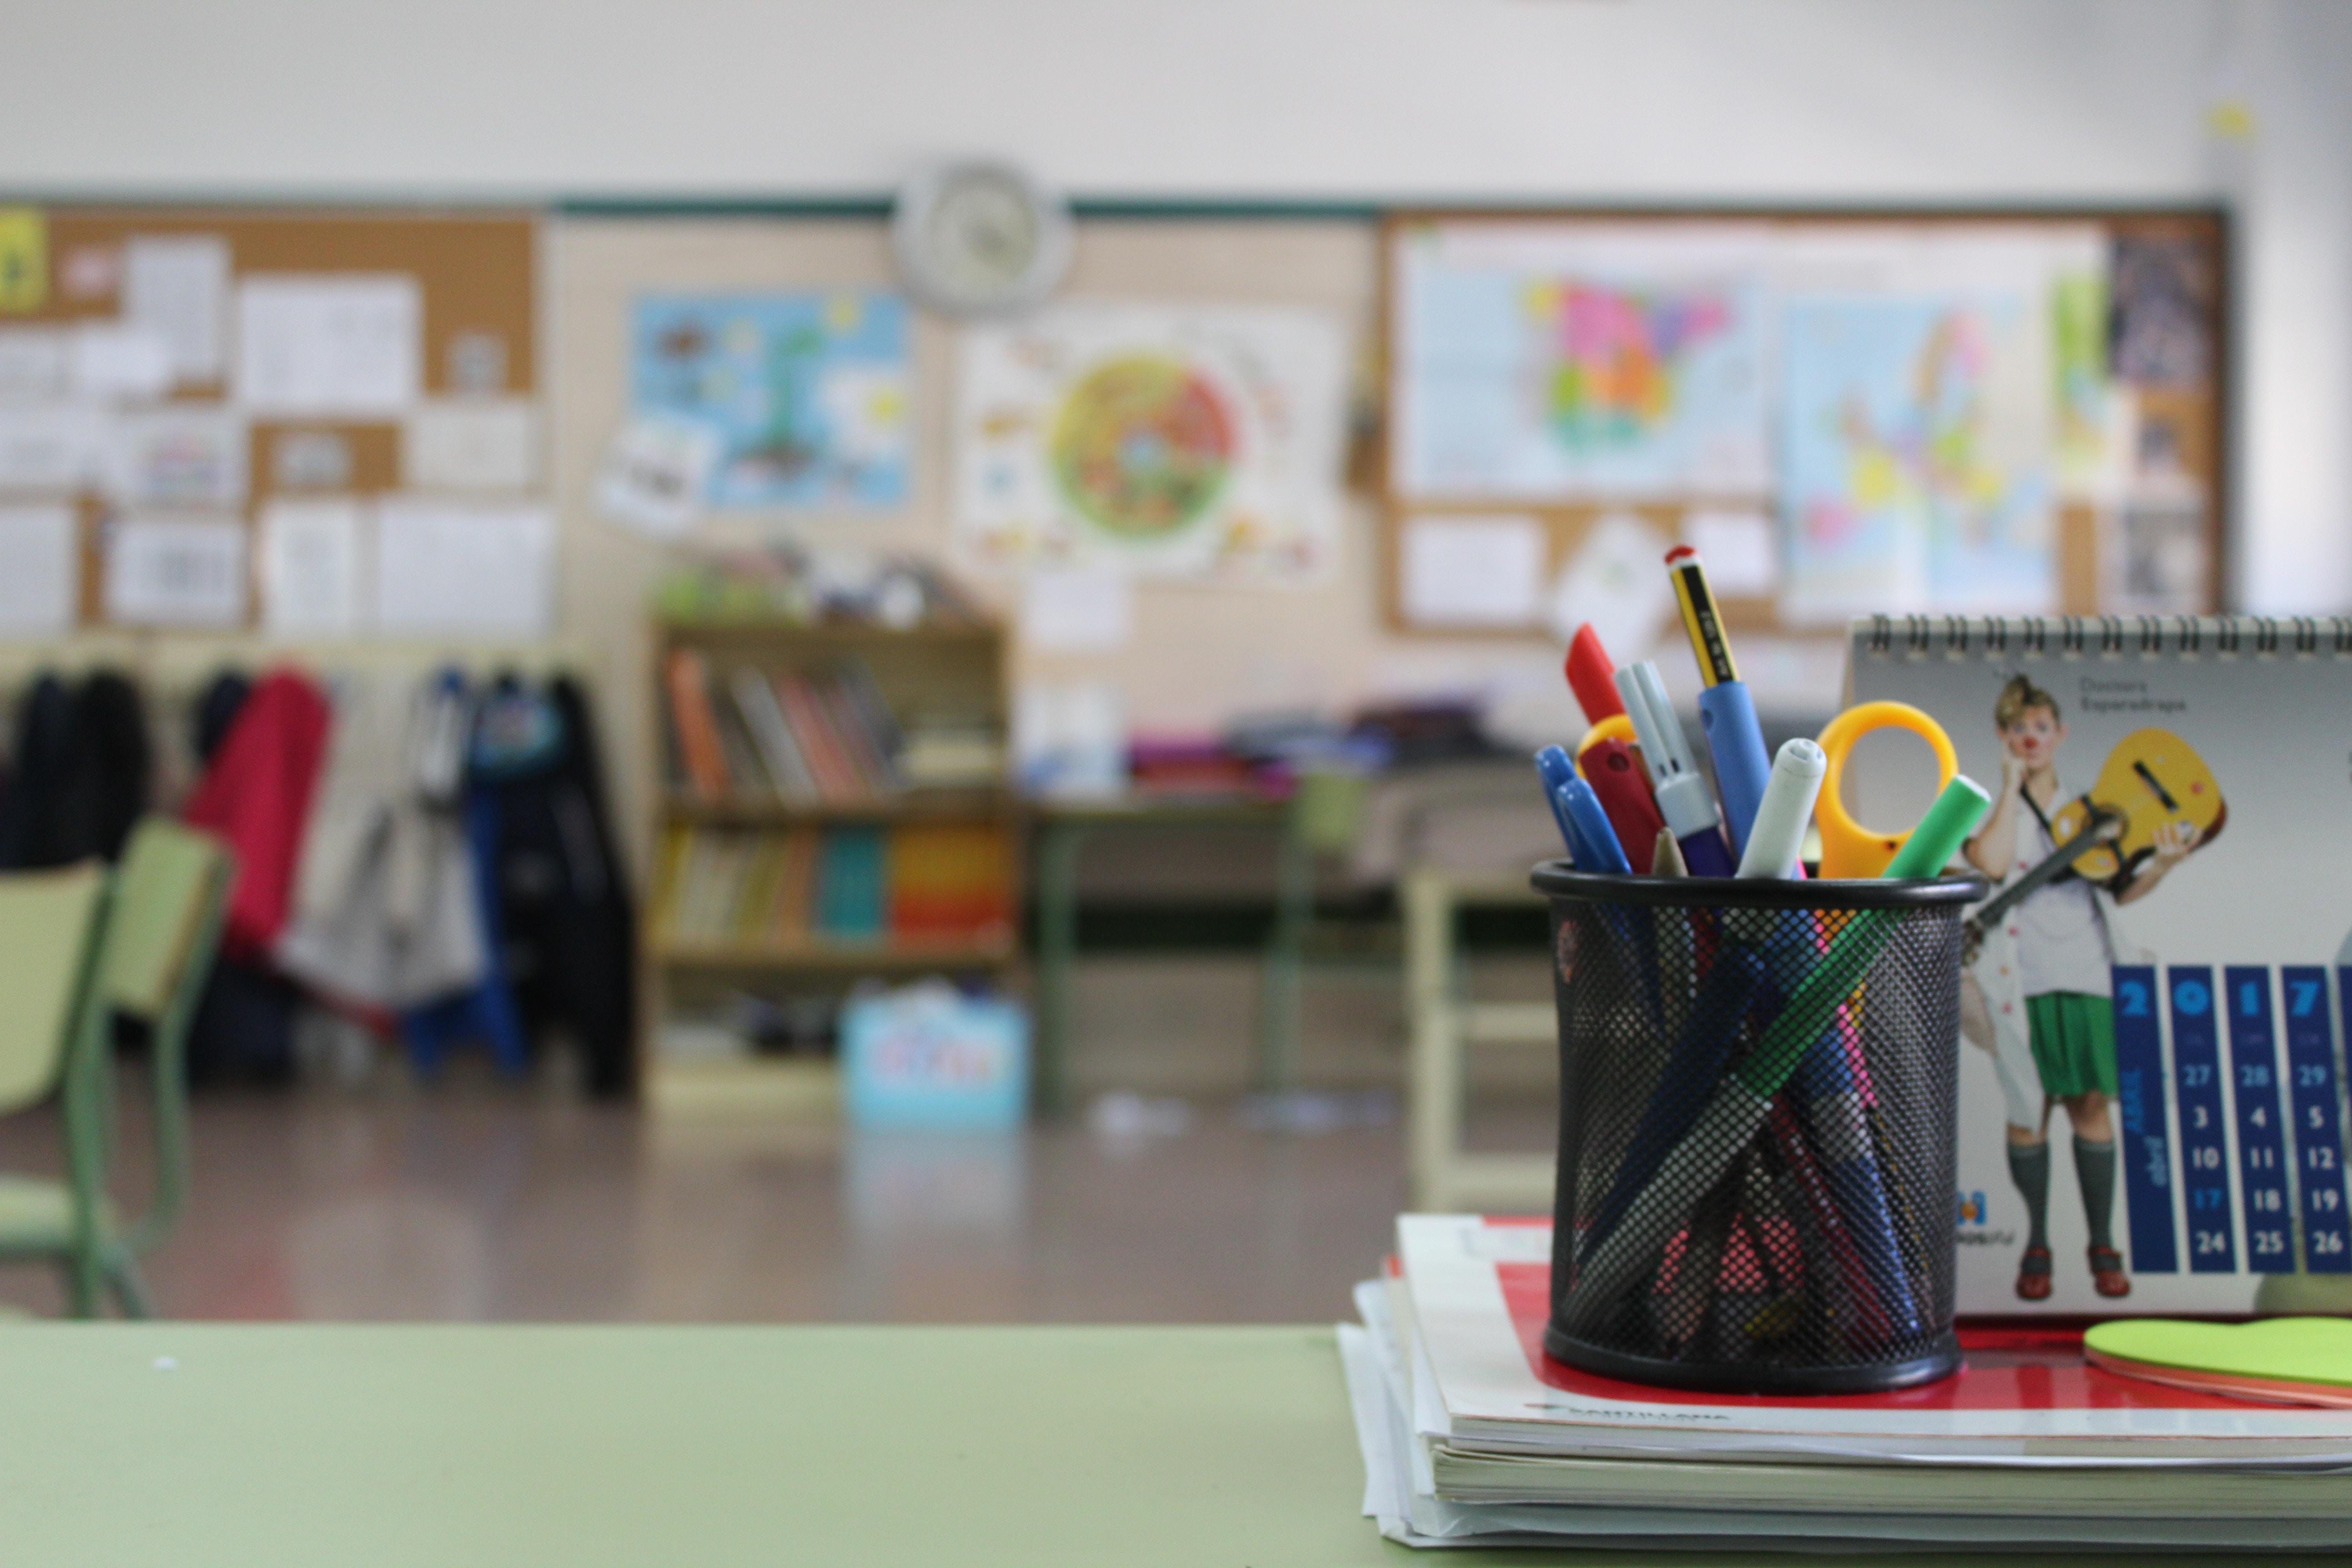 المدرسة دور تربوي منشود وأمل مفقود